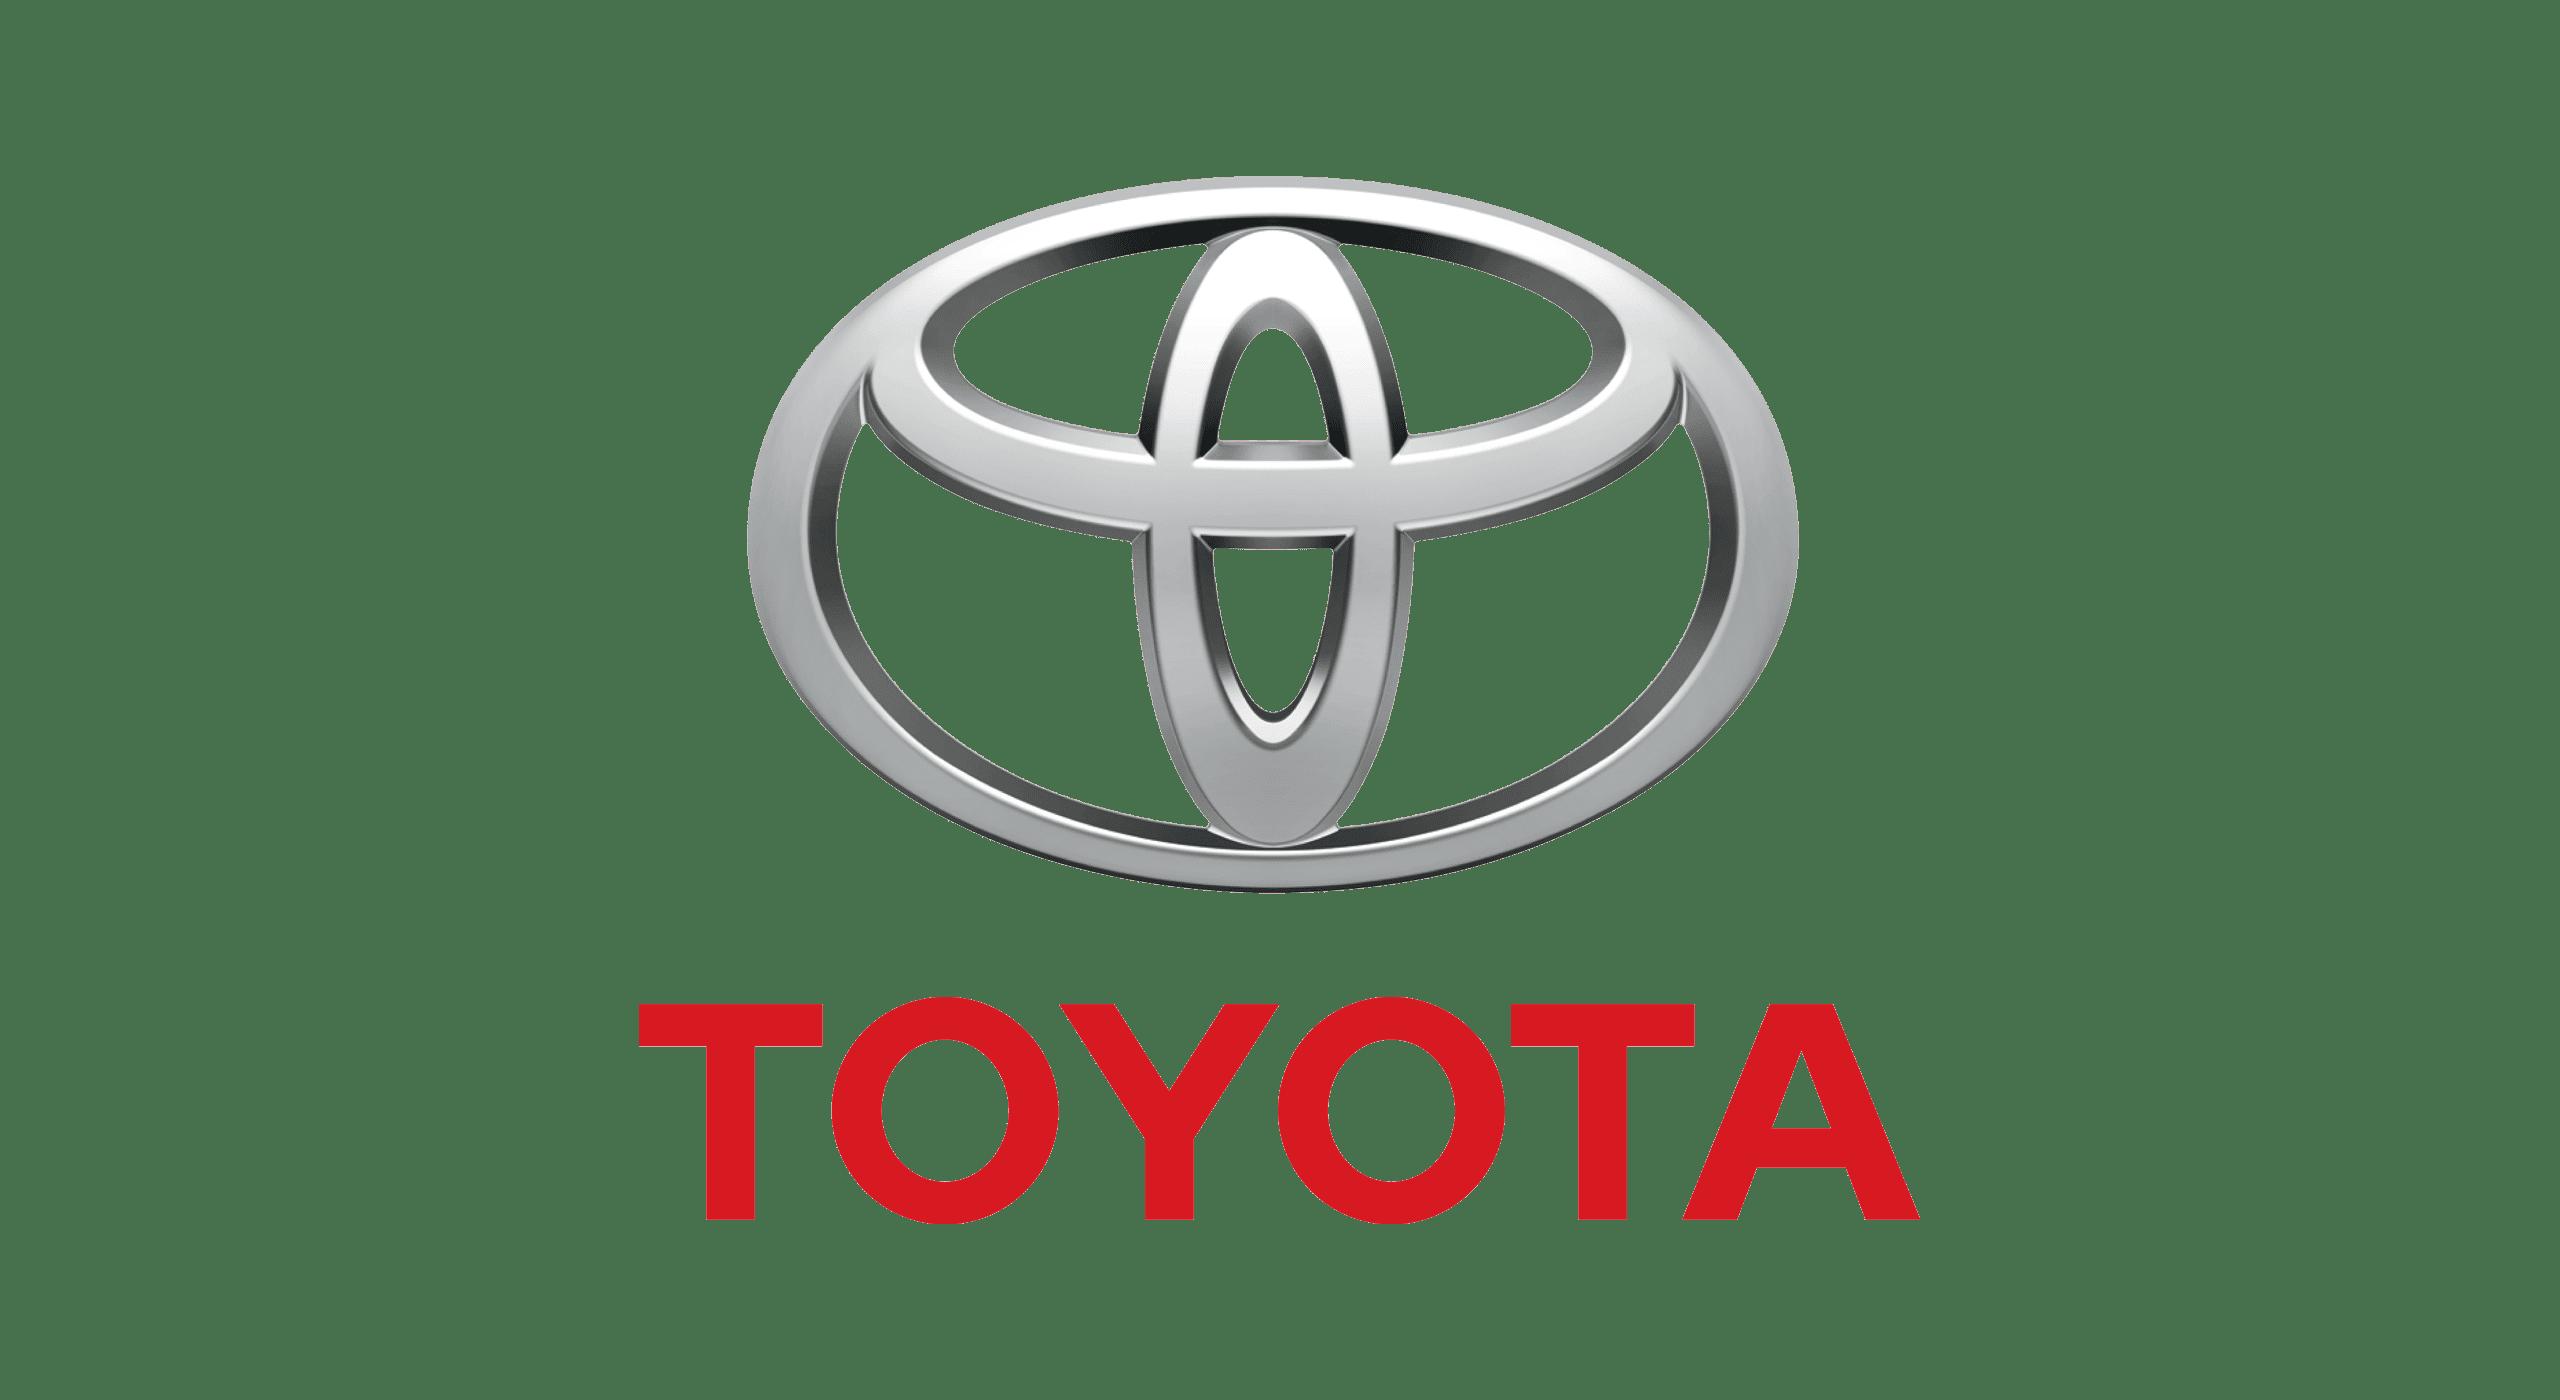 Toyota isi va electrifica toate masinile pana in 2025